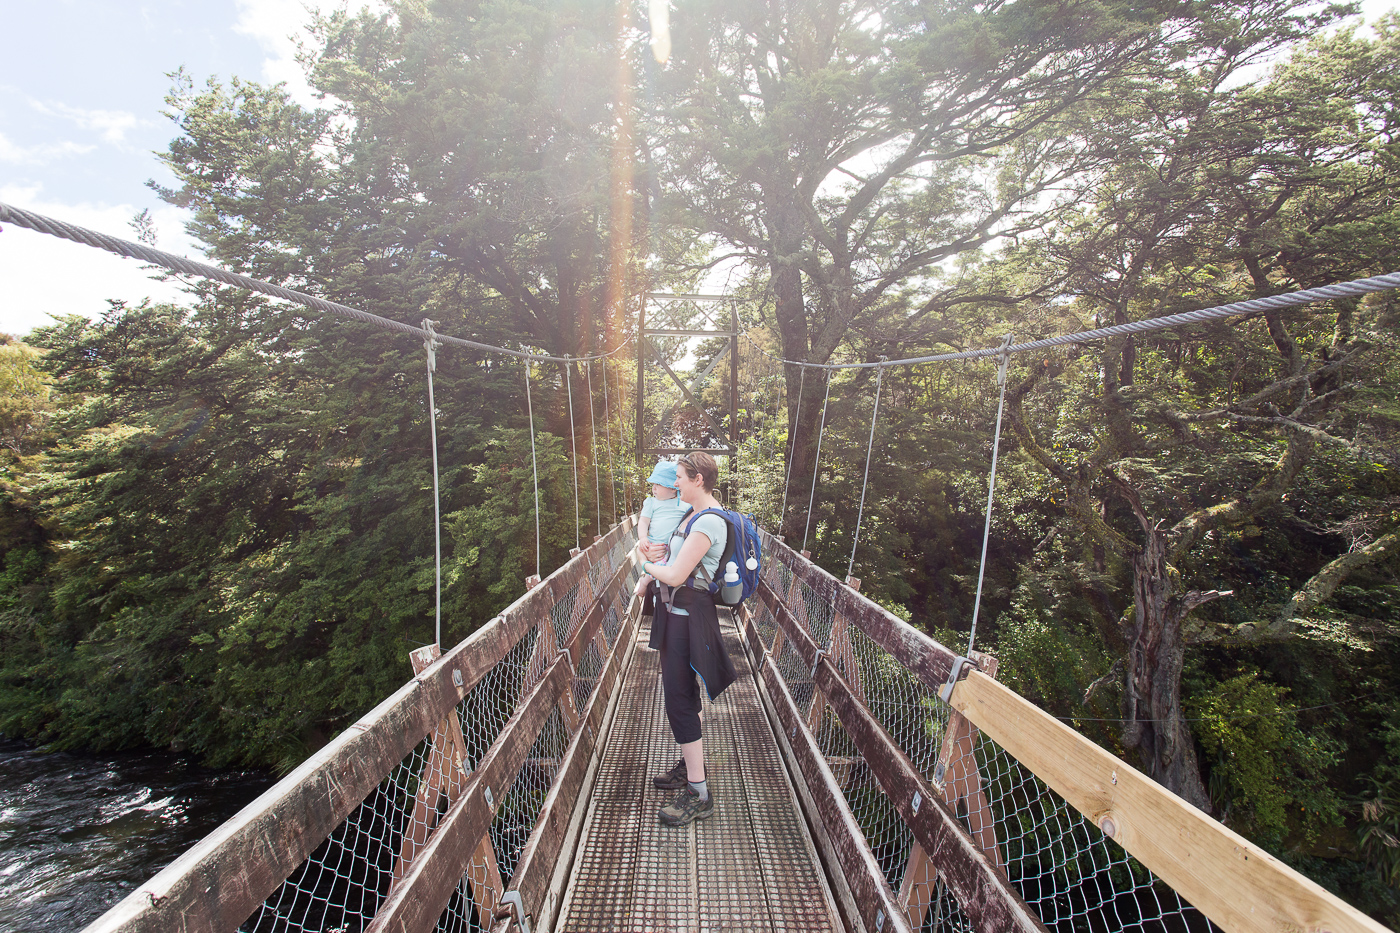 A summer holiday – Turangi